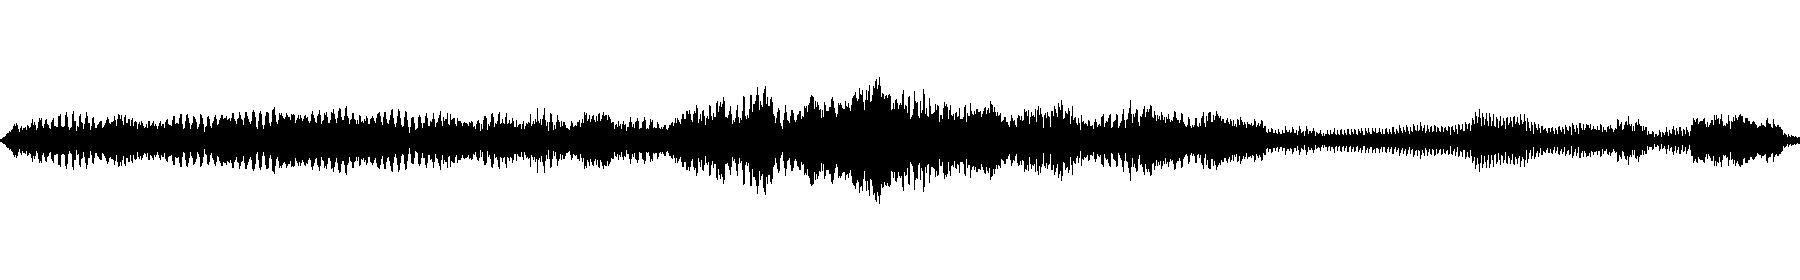 loop3590bpm